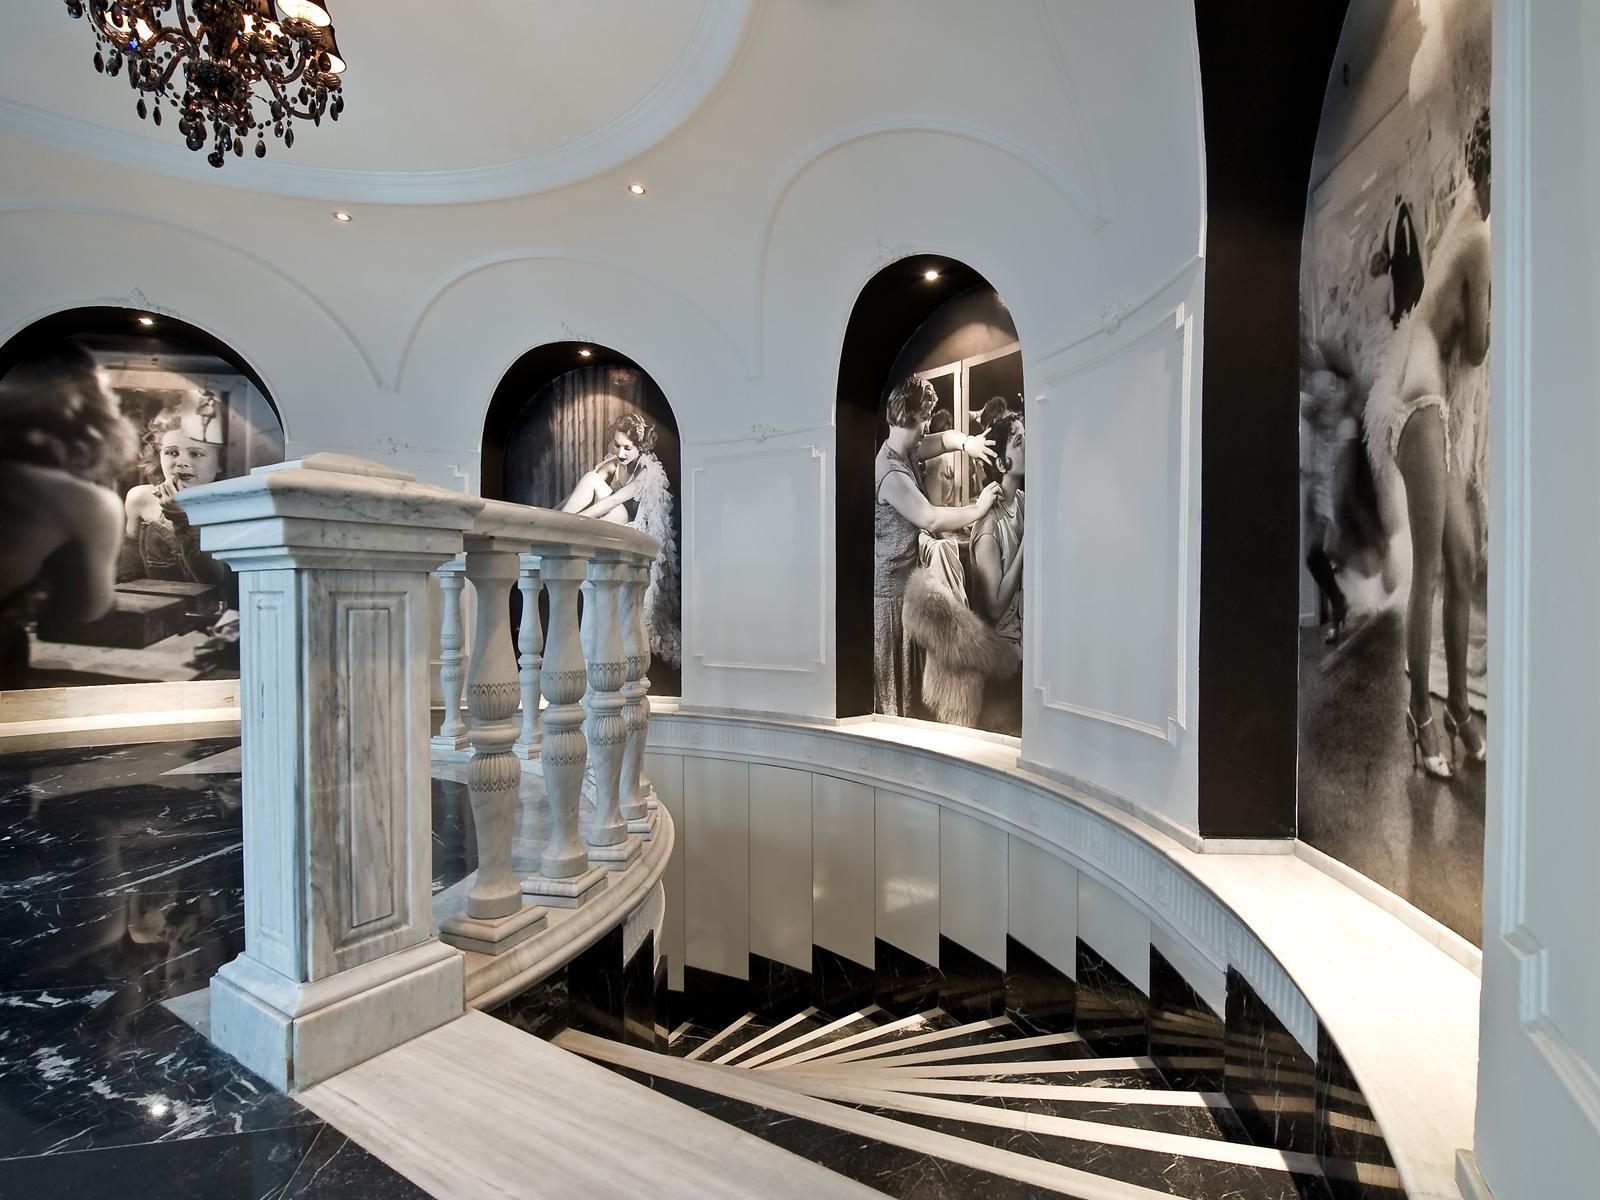 Escaliers - Vincci Vía 66 4*